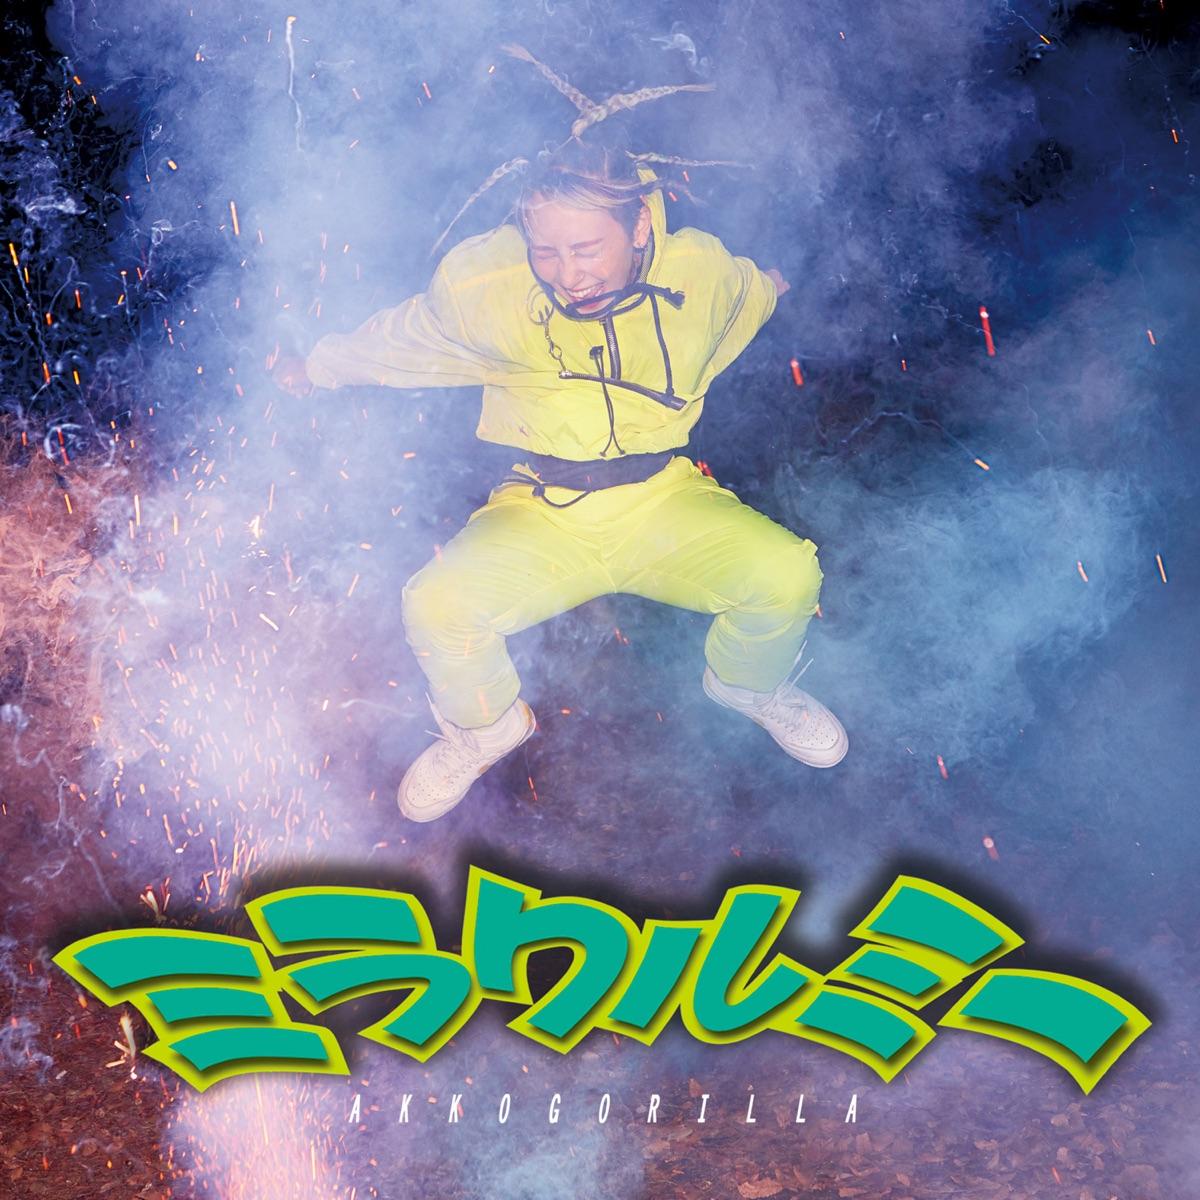 『あっこゴリラ - 超自由 feat.大門弥生』収録の『ミラクルミー E.P.』ジャケット